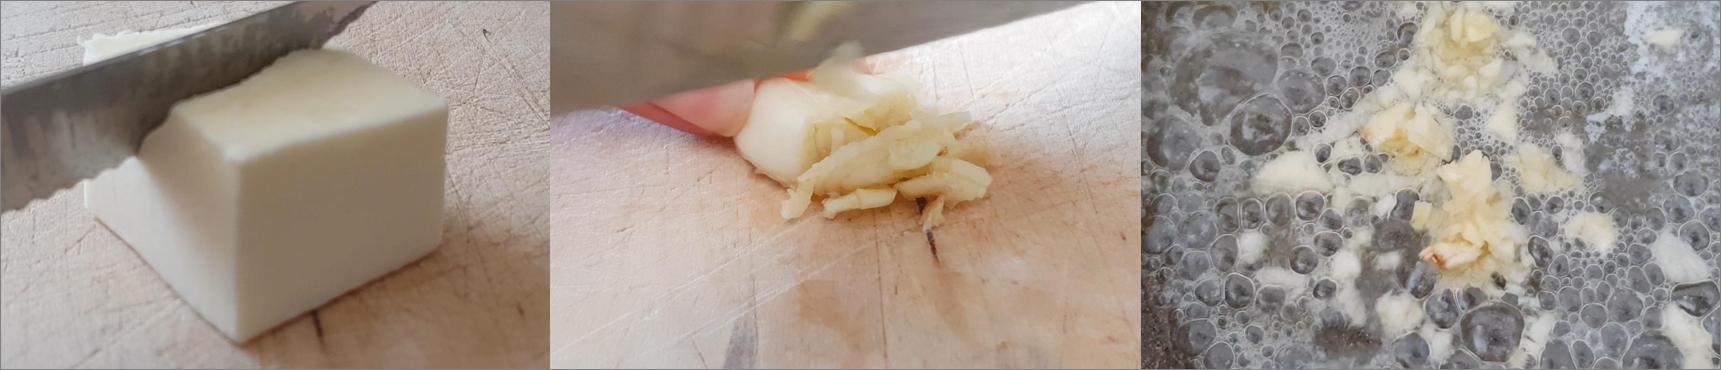 ricette passo passo crostini con cavoli e mozzarella 2